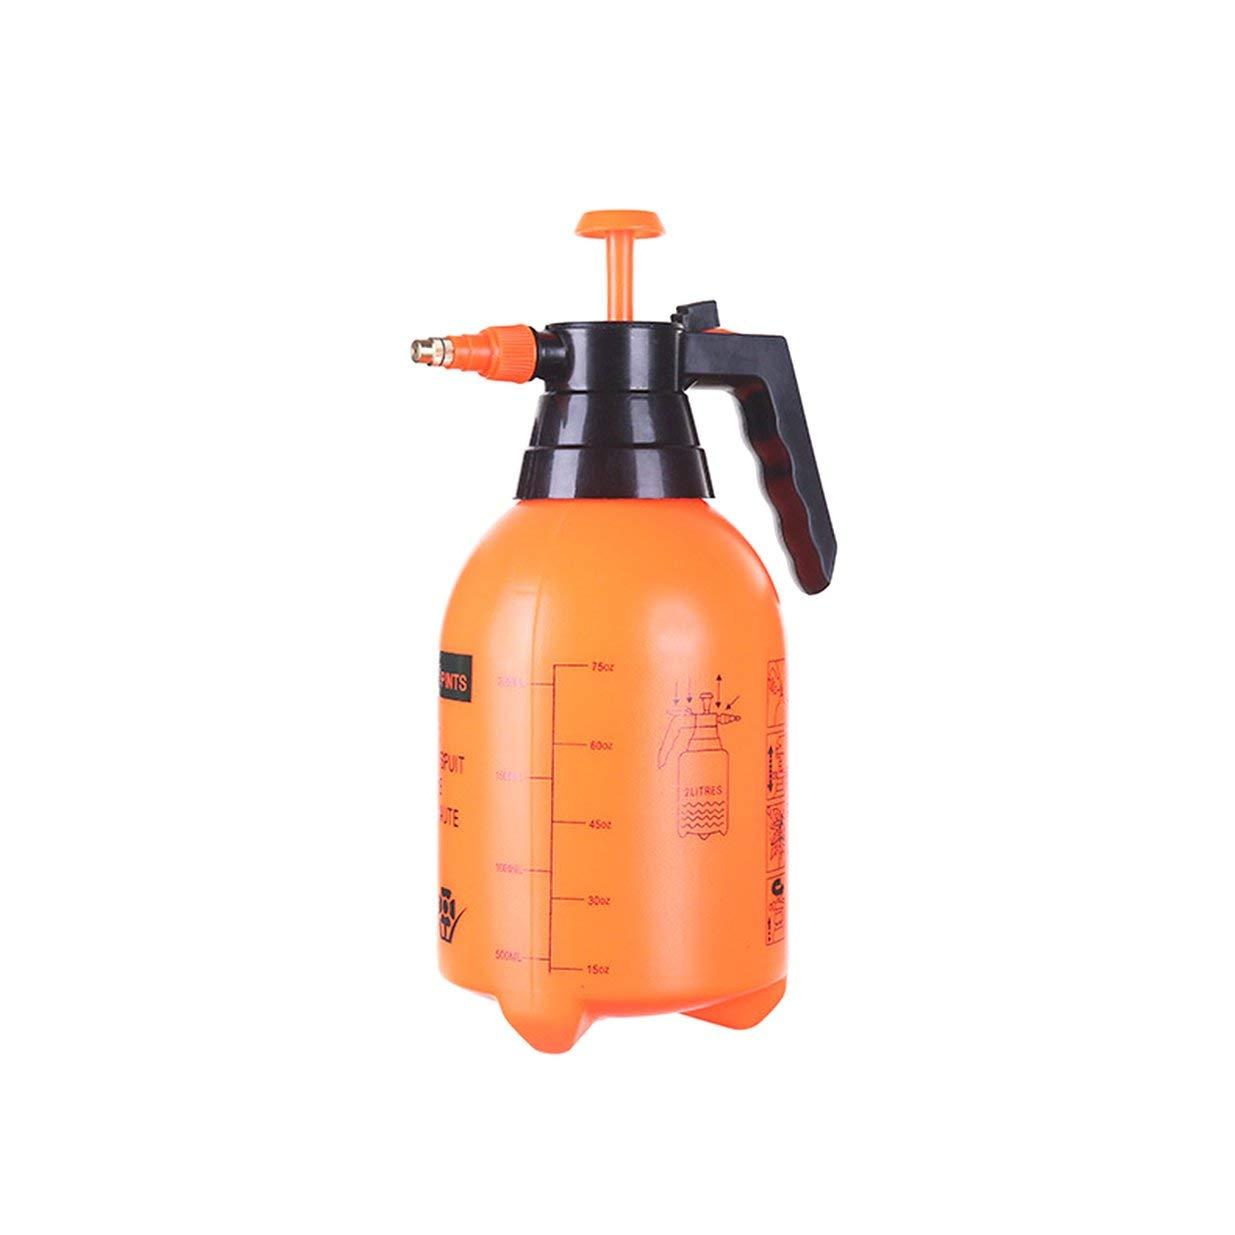 Pump Pressure Sprayer,Pressure Water Sprayers,Hand Garden Sprayer & Mister for Water, Herbicides, Pesticides, Fertilizers, Mild Cleaning Solutions and Bleach,2L Ensteinberge